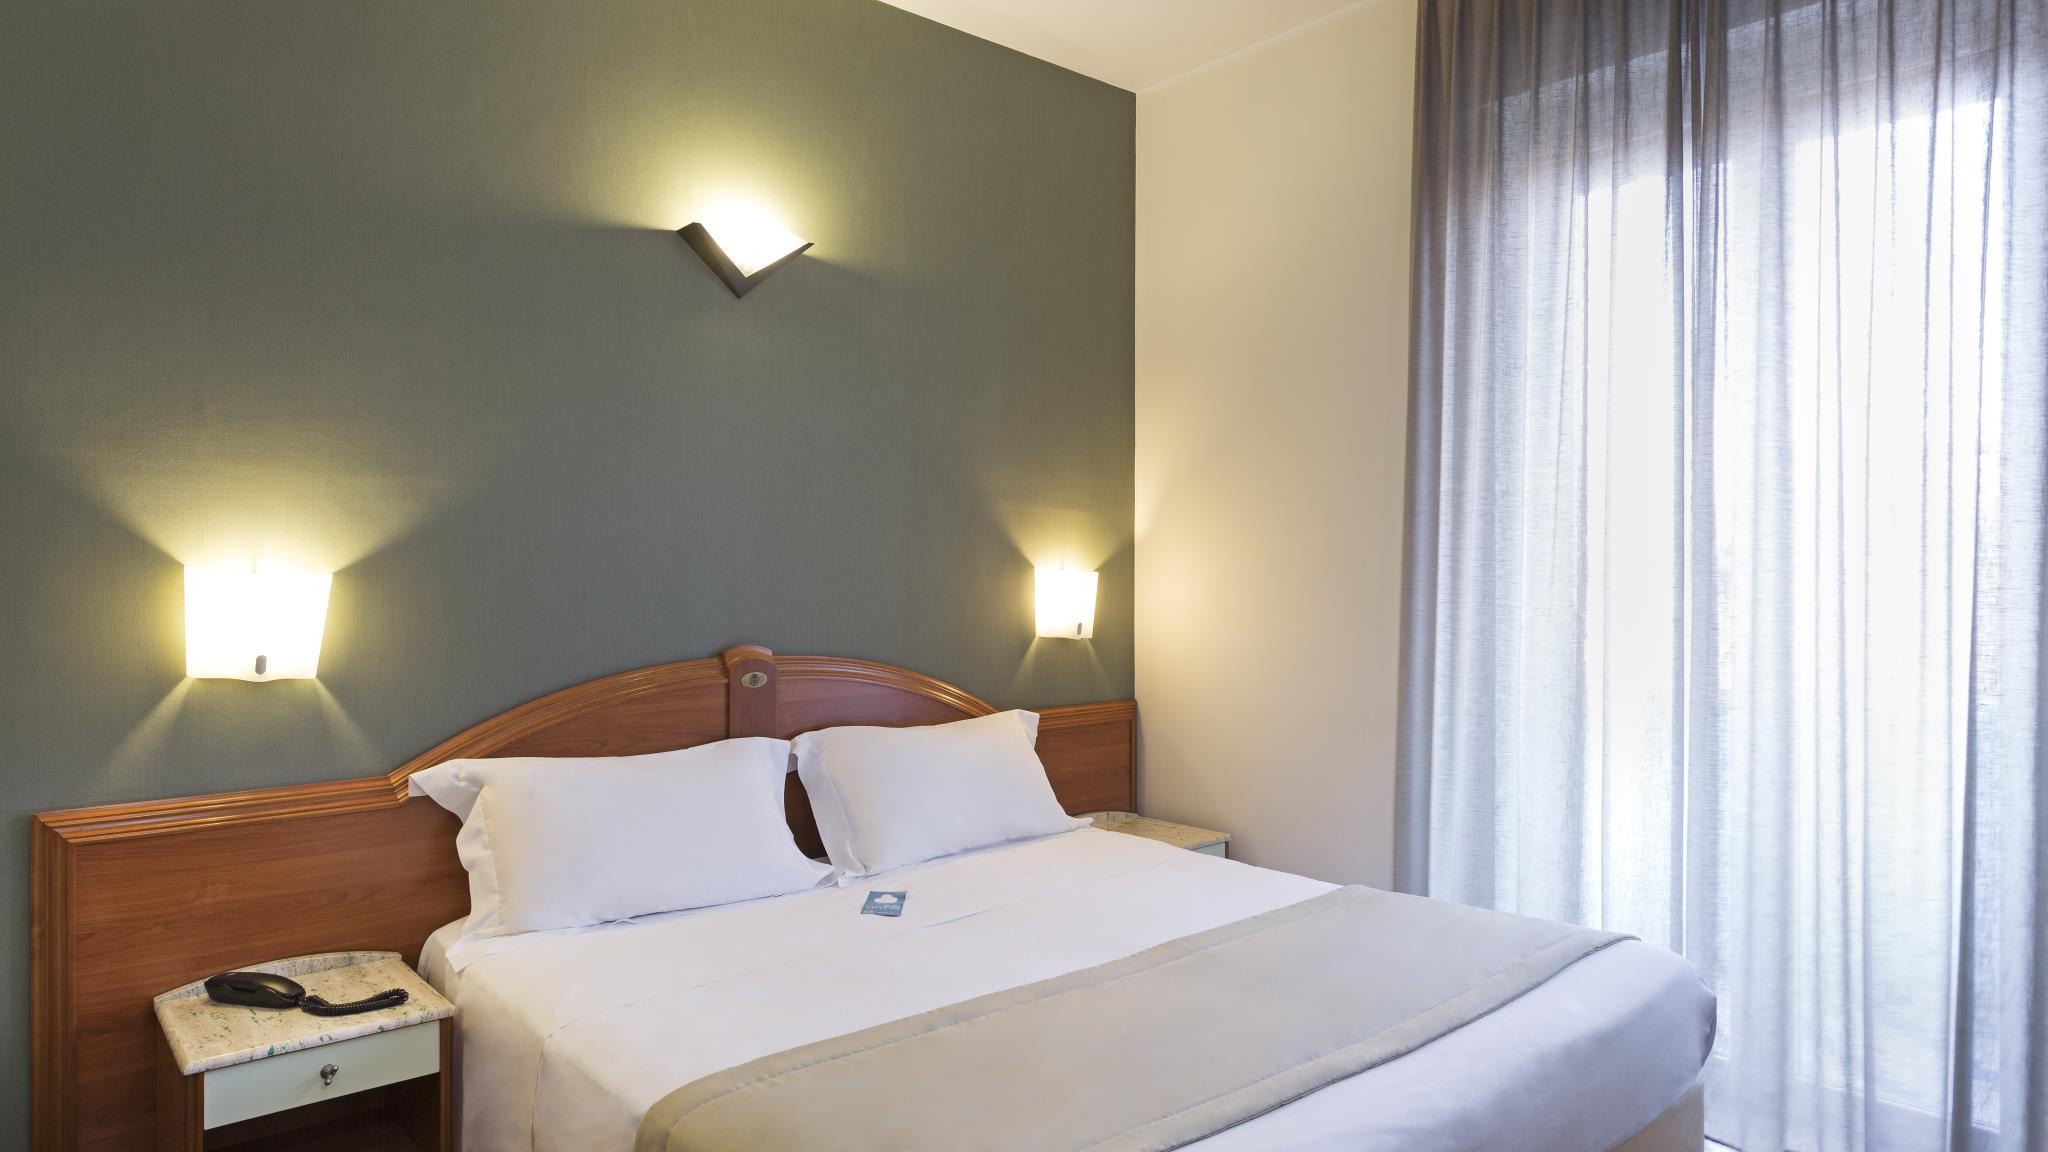 BandB Hotel Pescara